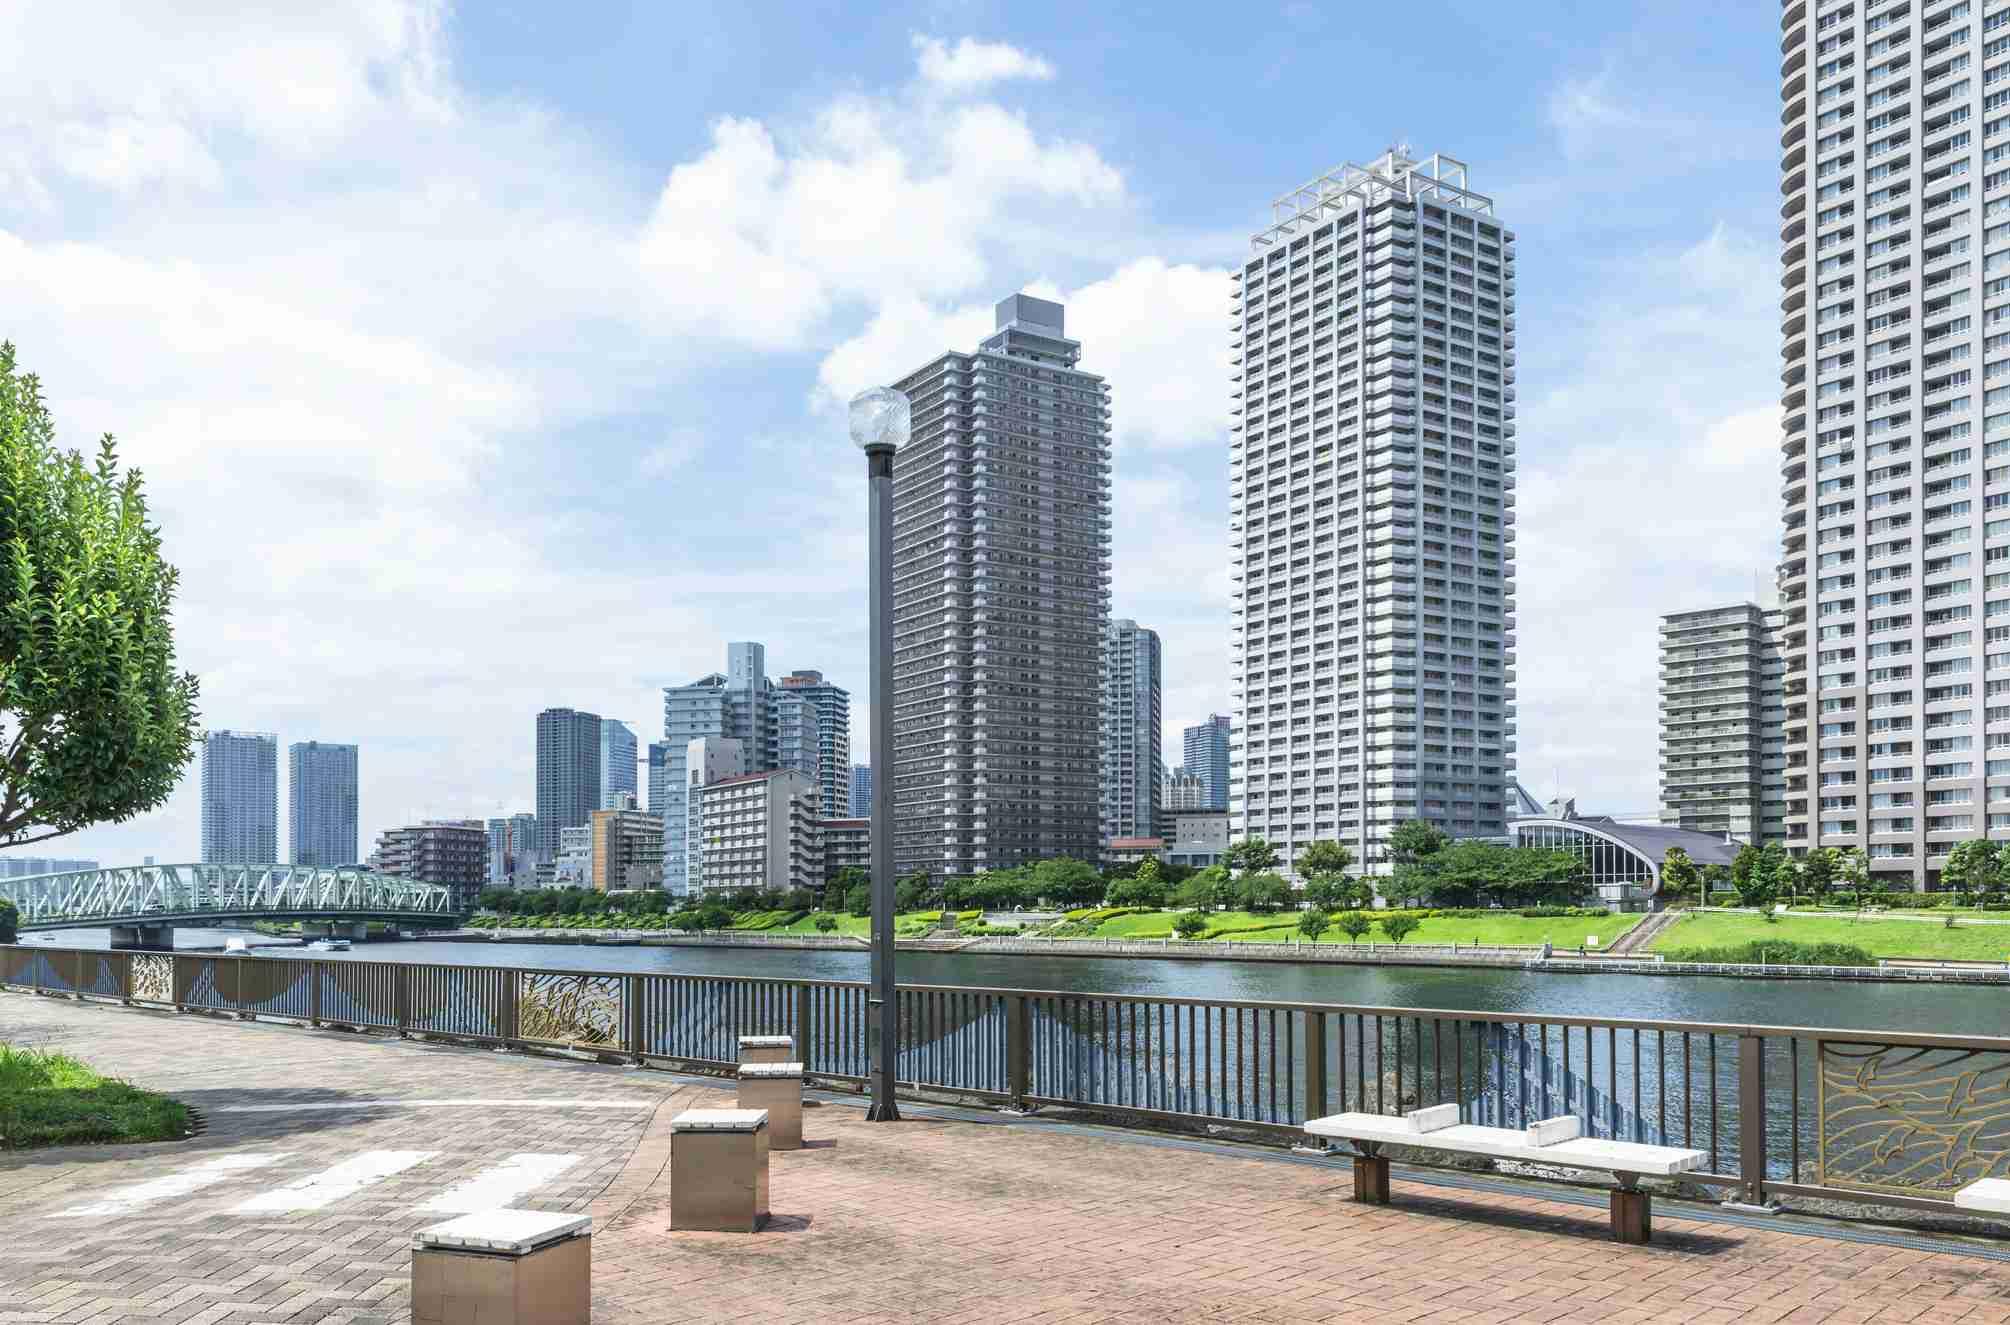 「東京を知らない地方の人」が買うのがタワーマンションなのだ | 文春オンライン